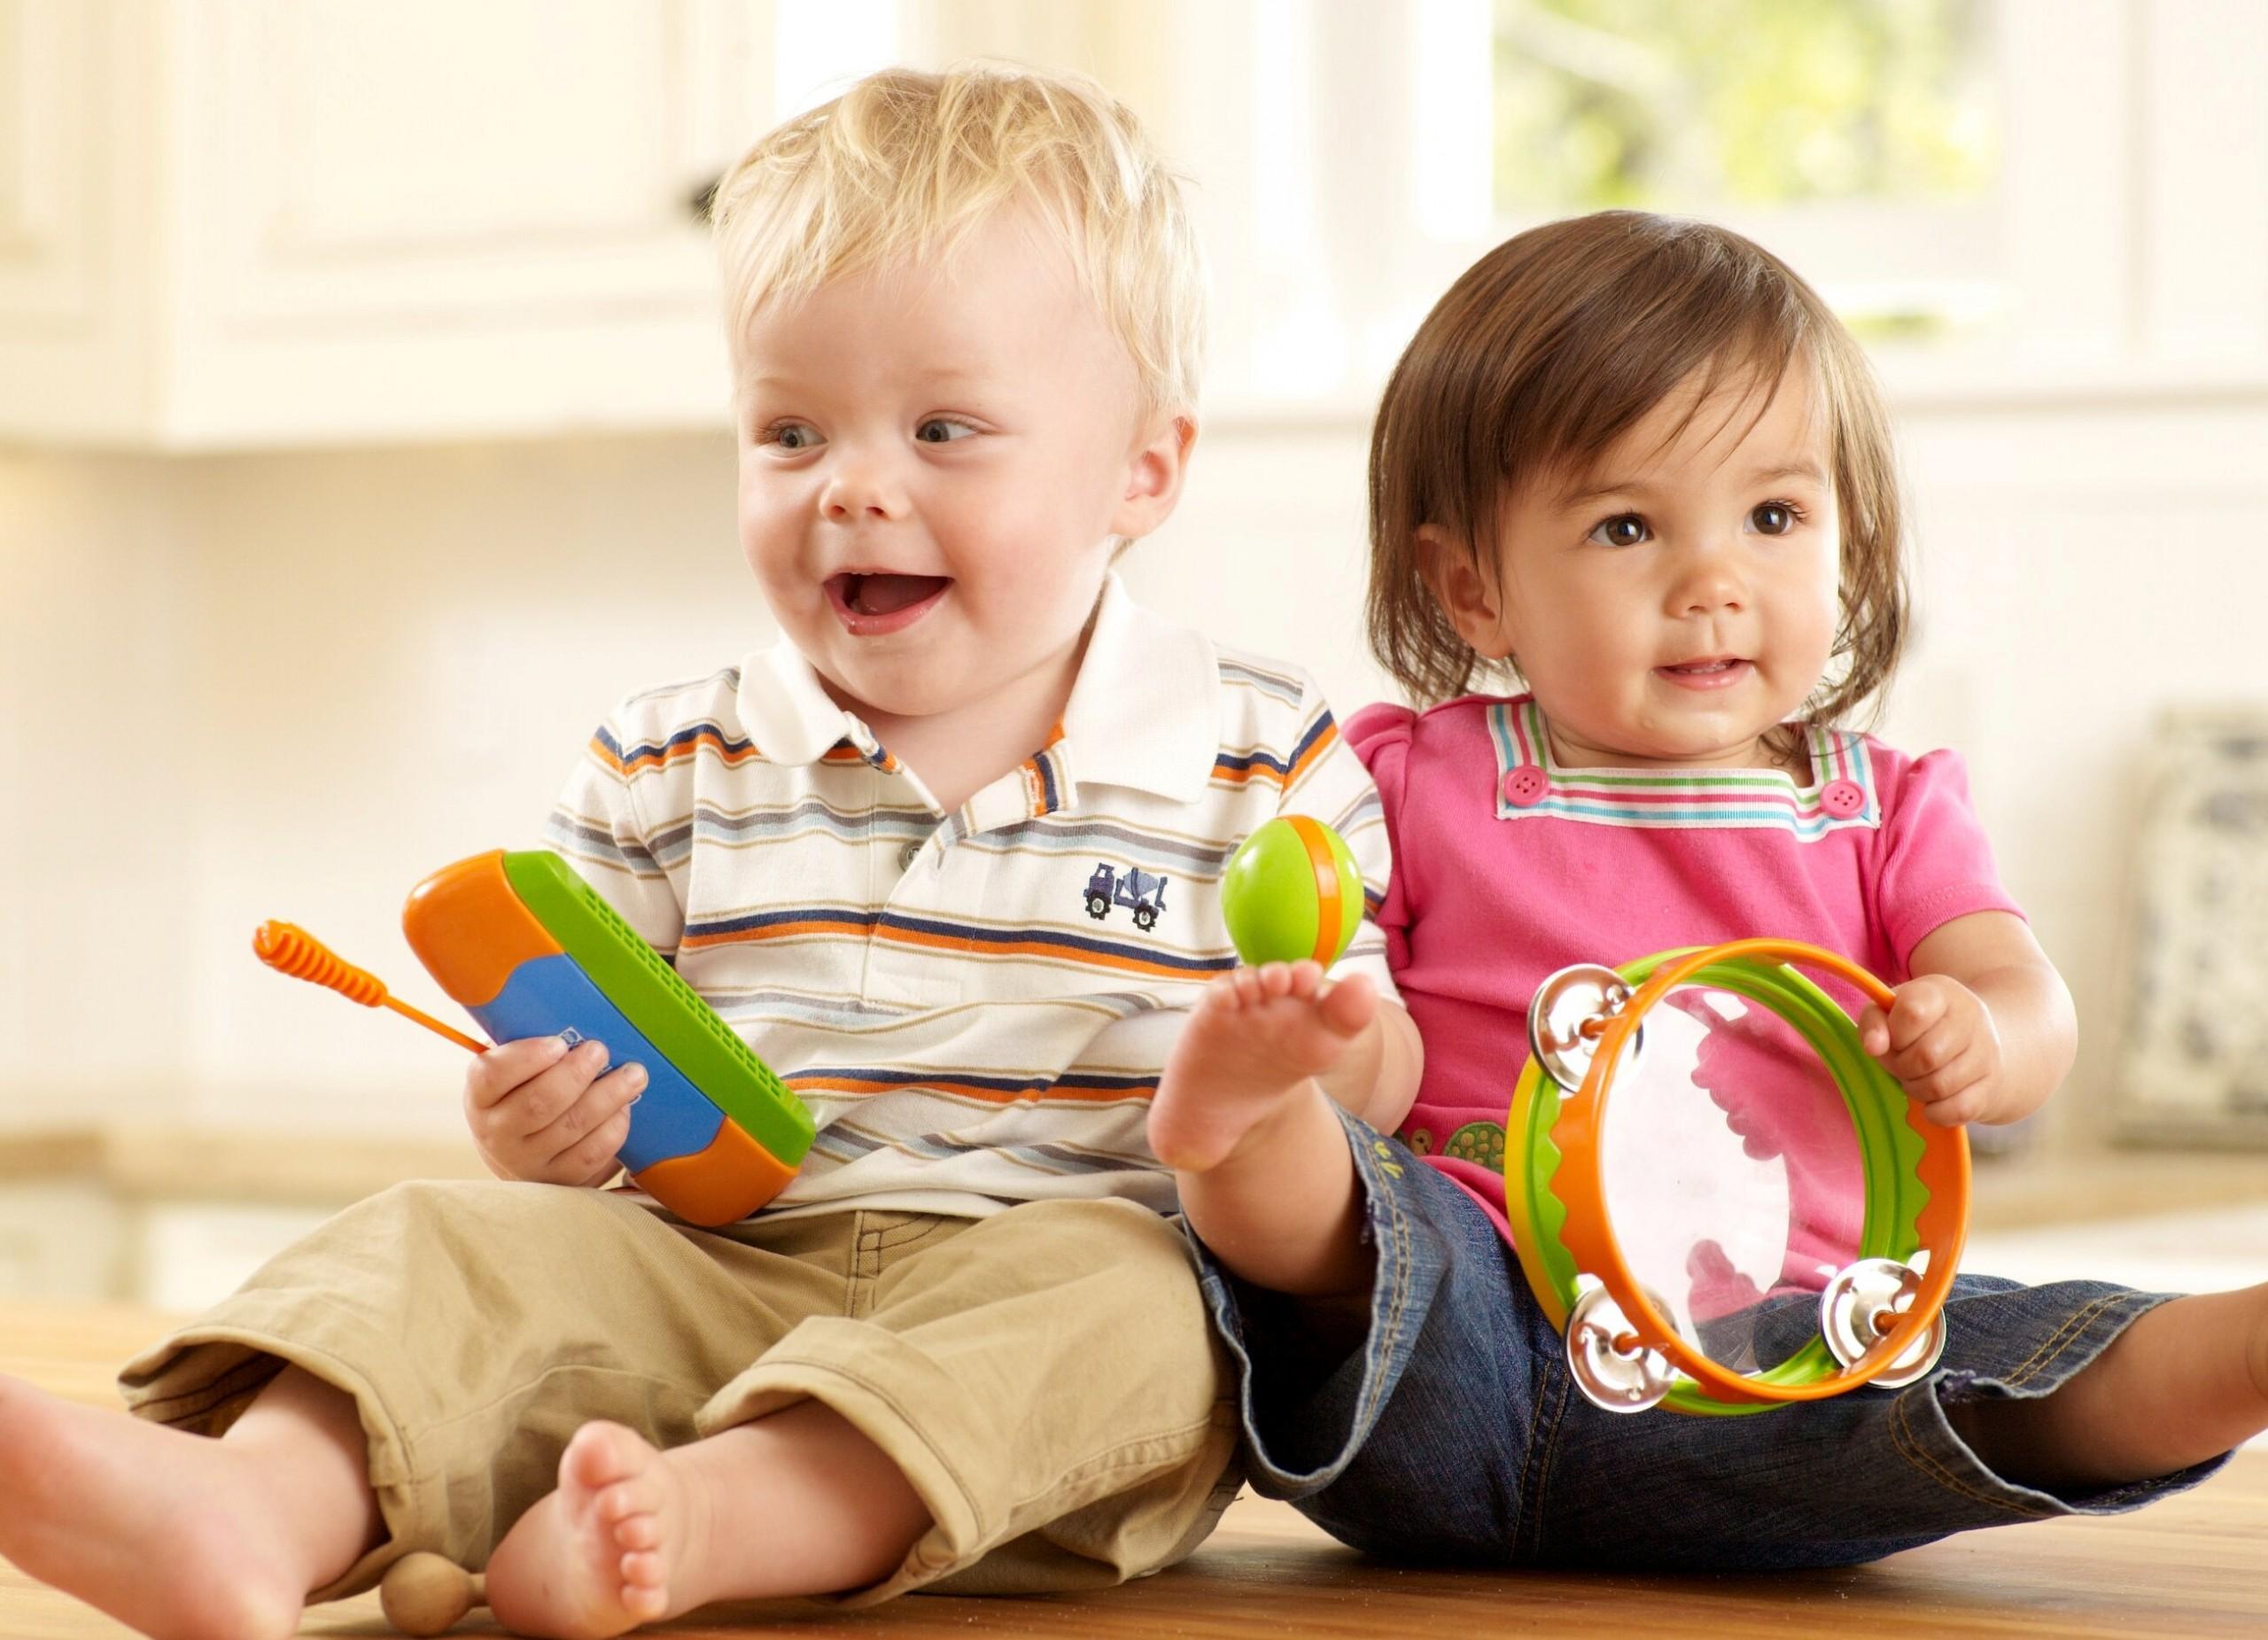 Дети не задумываются и имитируют поведение взрослых, это влияет на формирование стиля